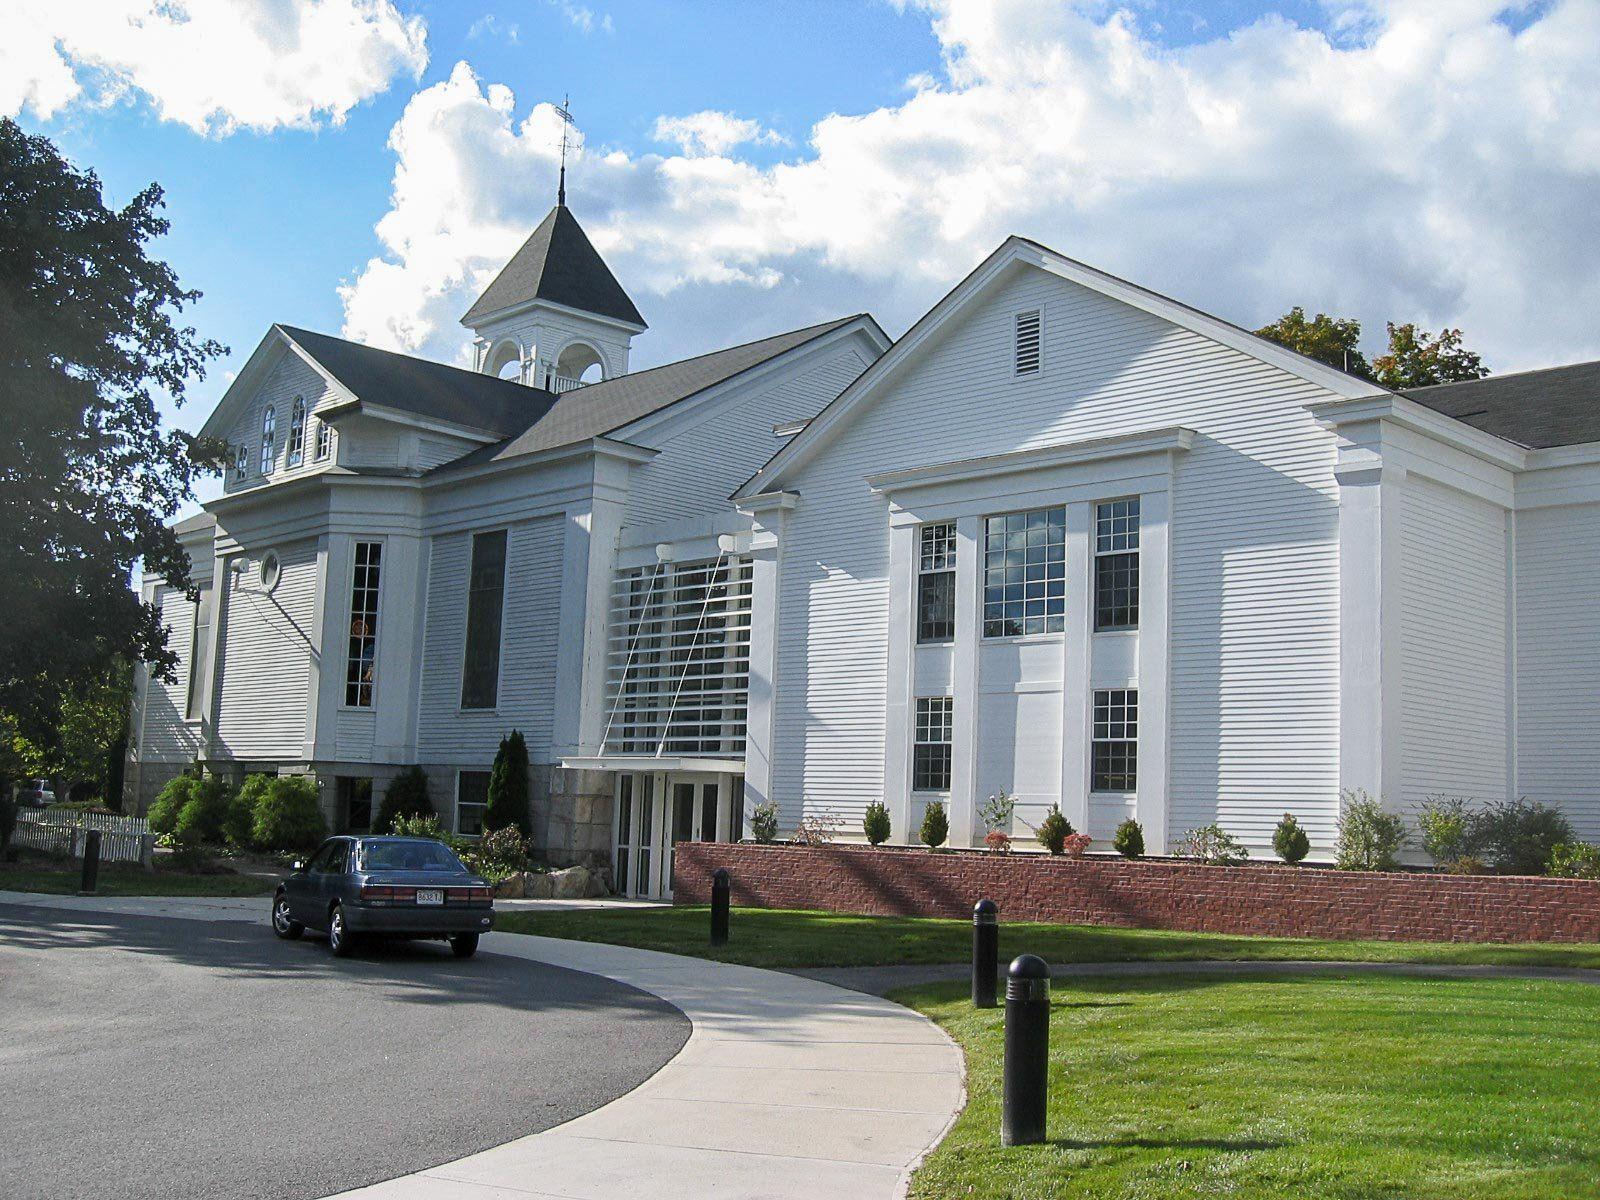 Acton Congregational Church, Exterior view